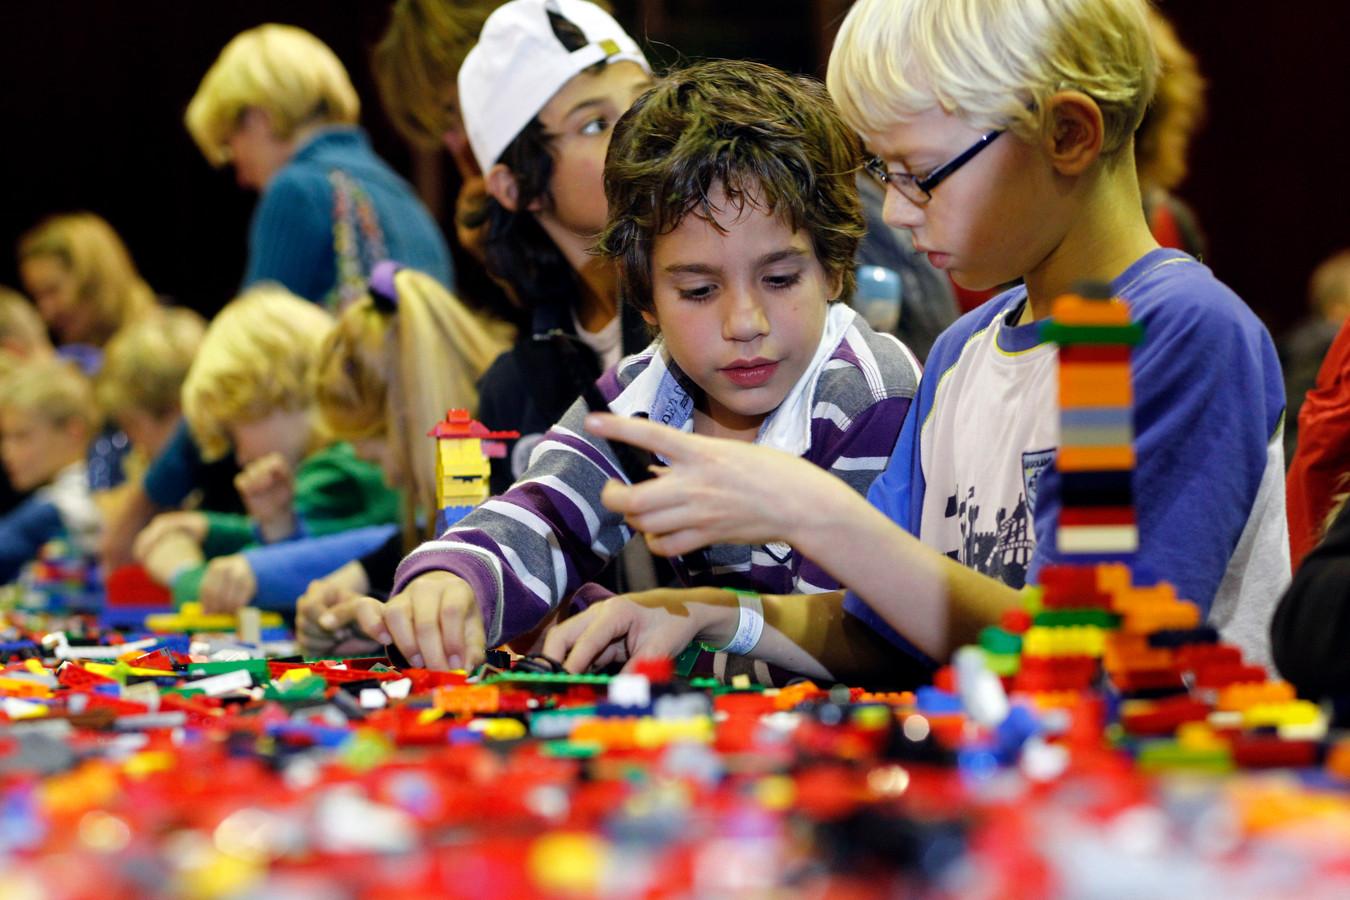 Kinderen doen mee aan een Lego-bouwwedstrijd tijdens Lego World in Zwolle.